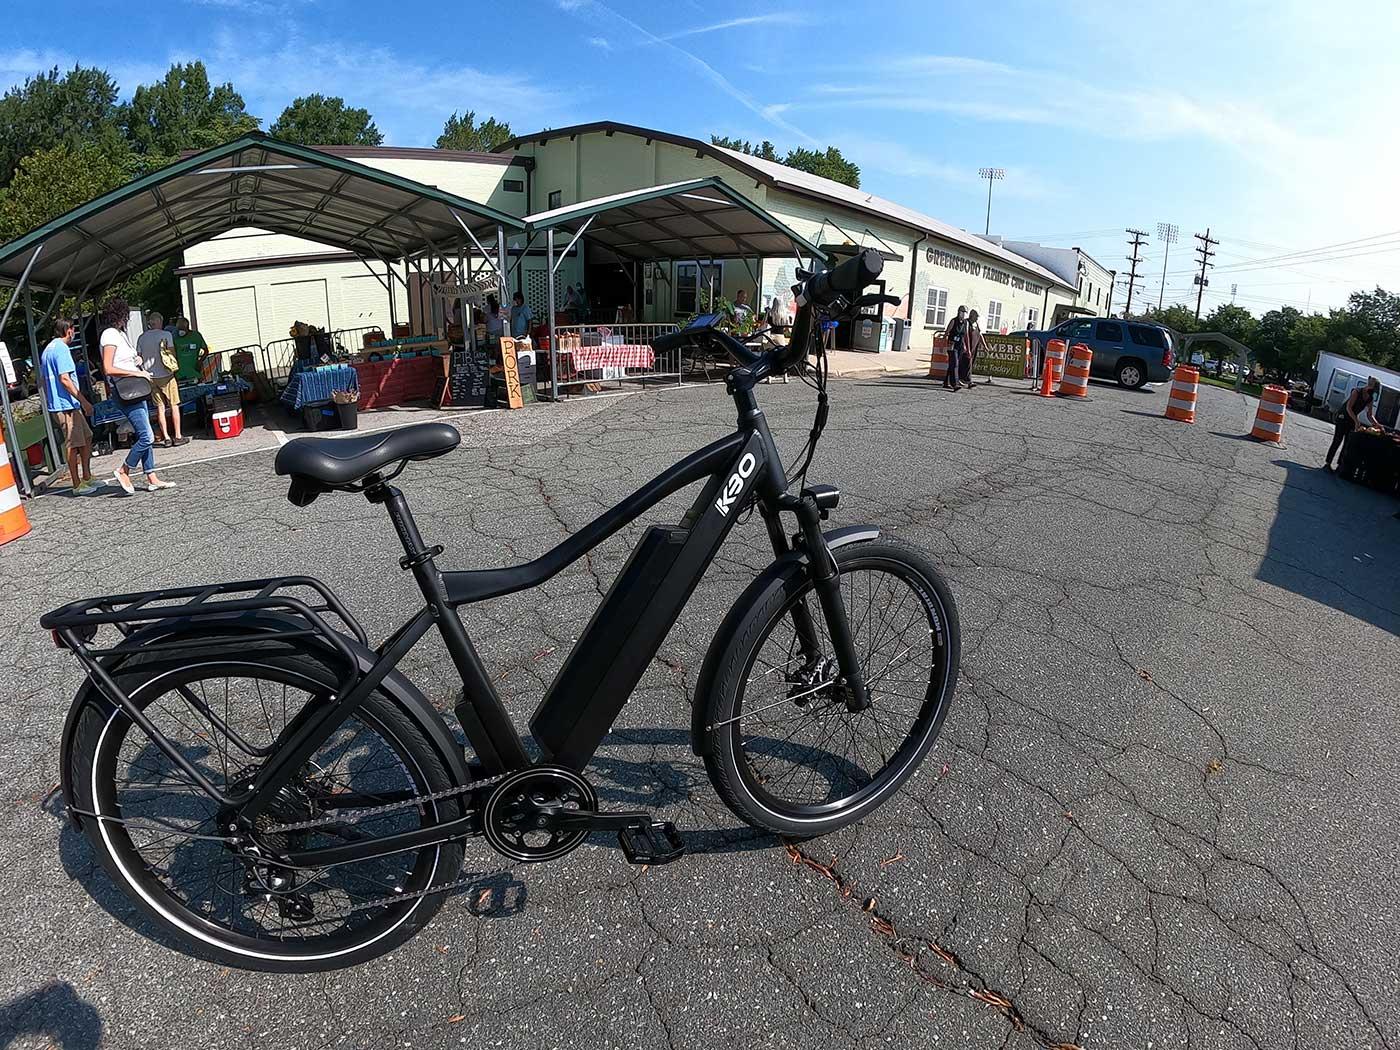 kbo breeze e-bike at the farmers market